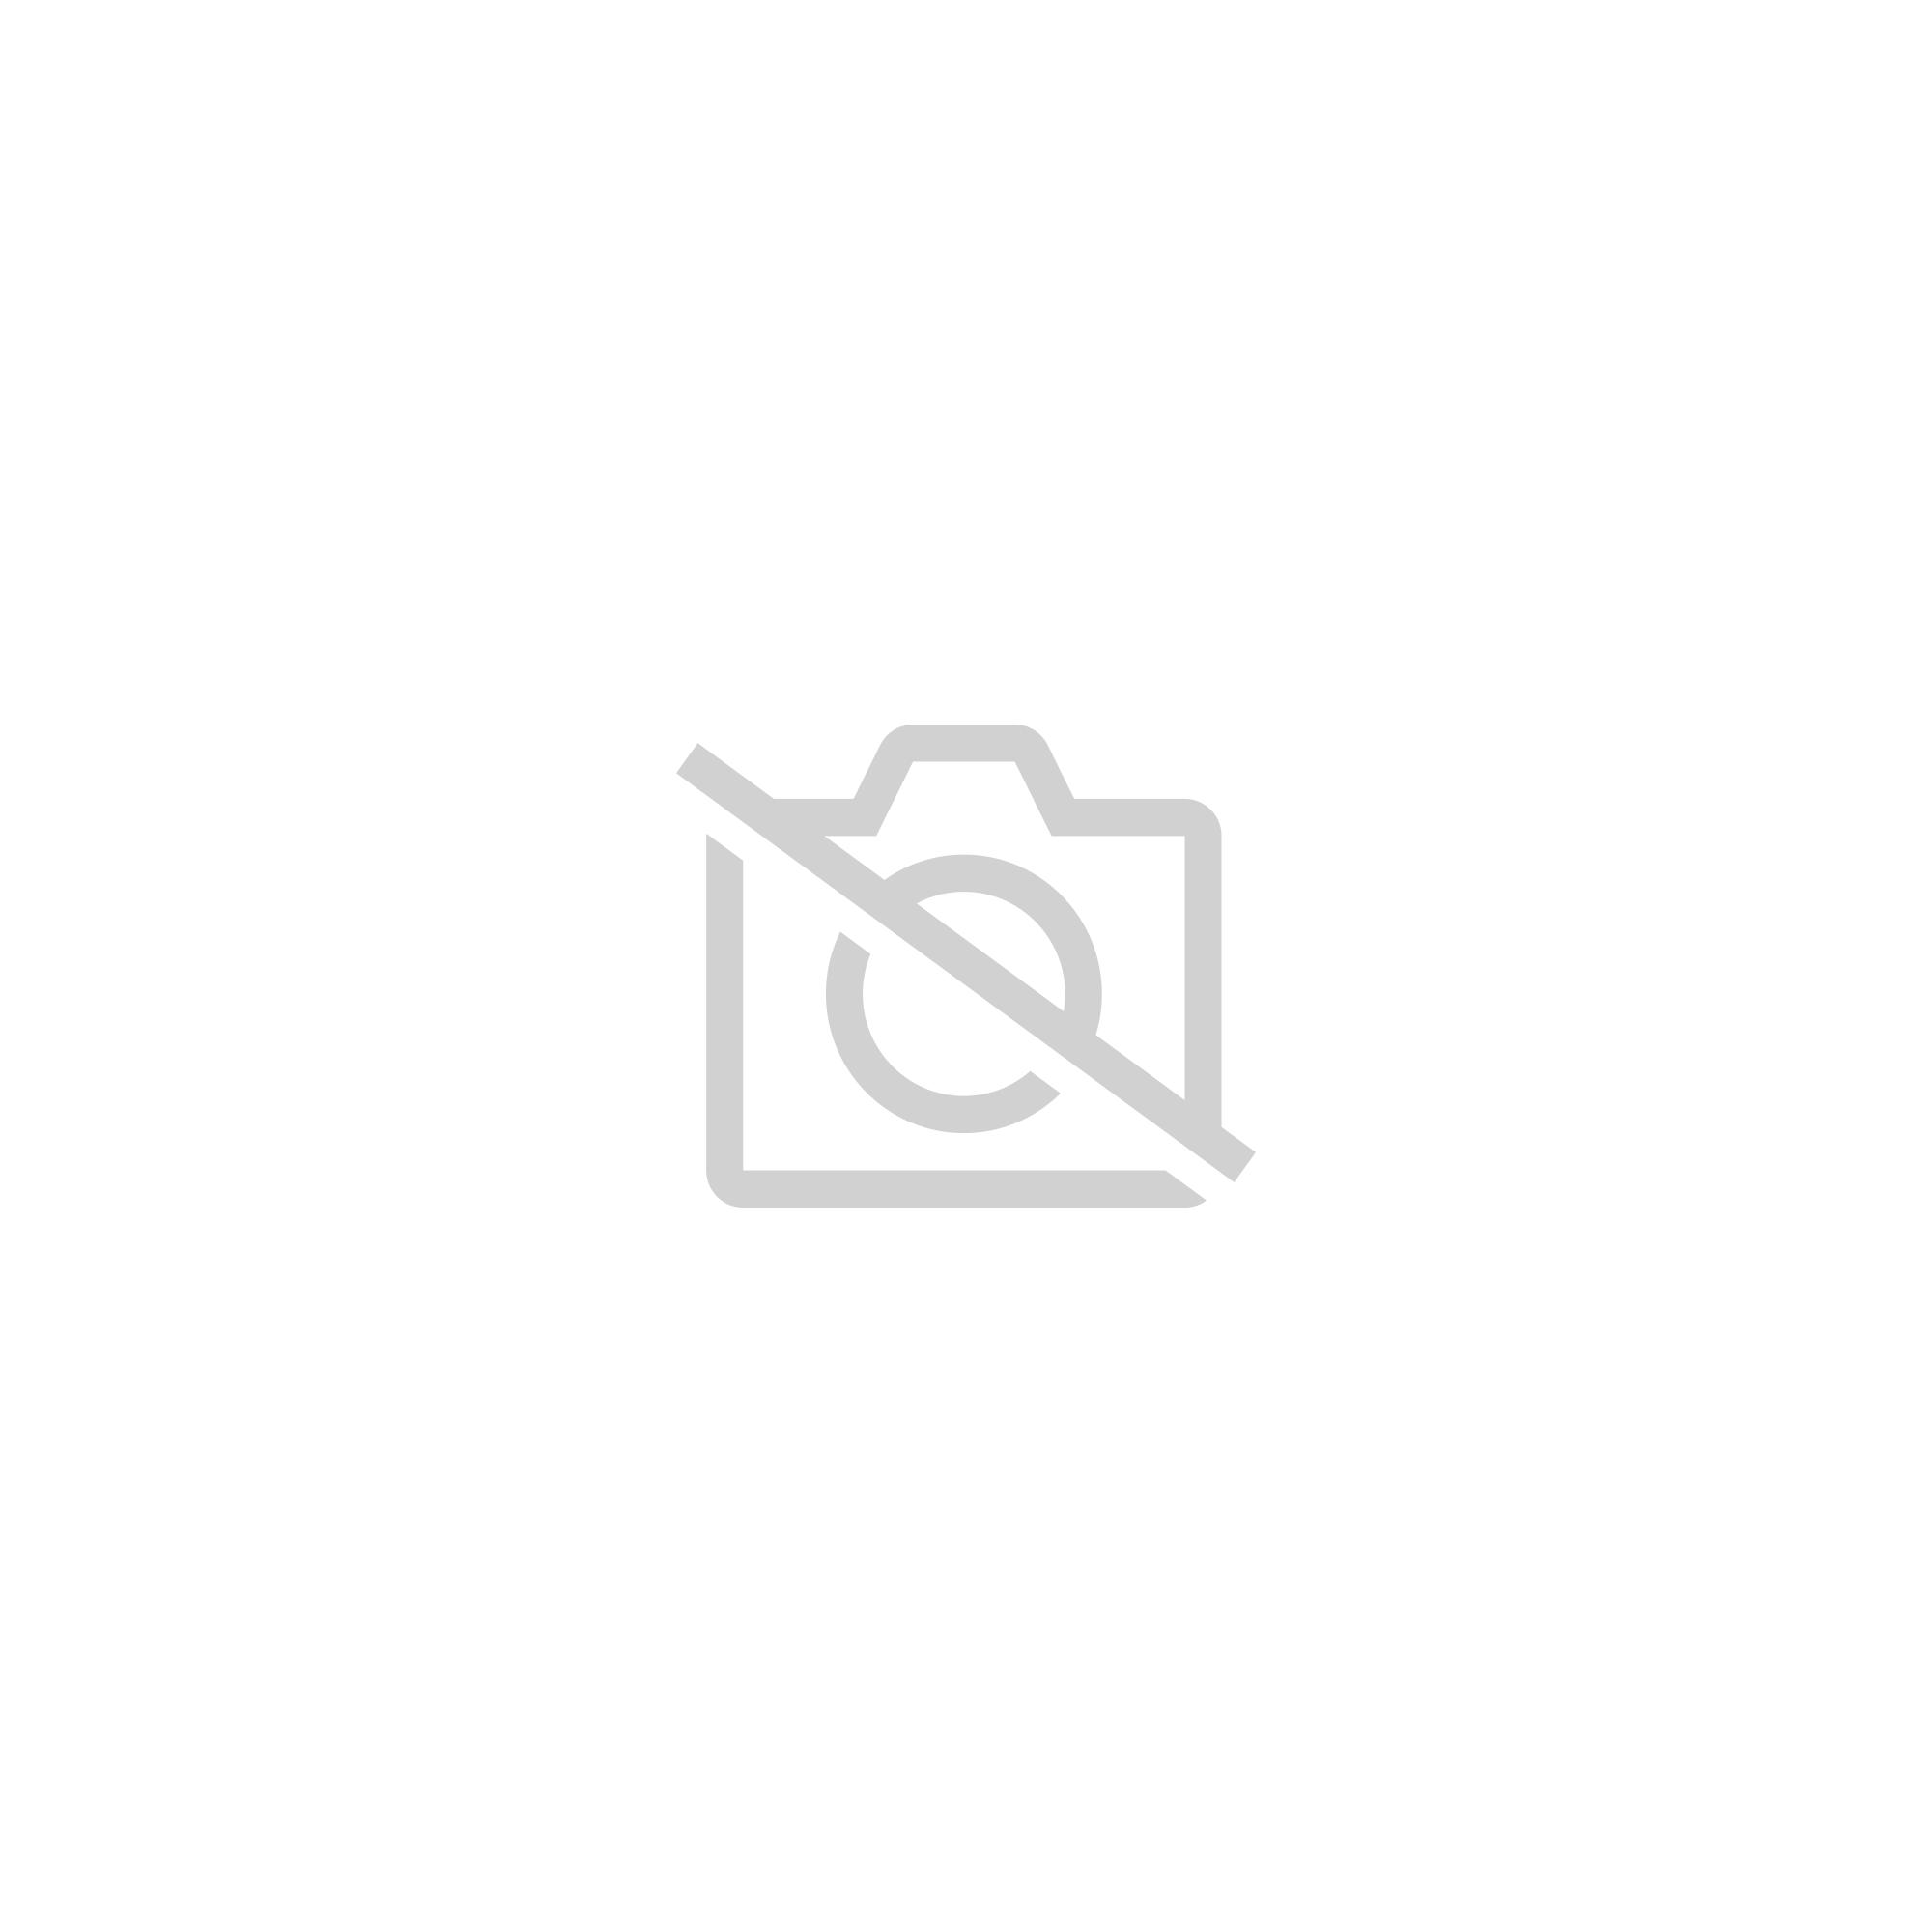 adidas original superstar blanche